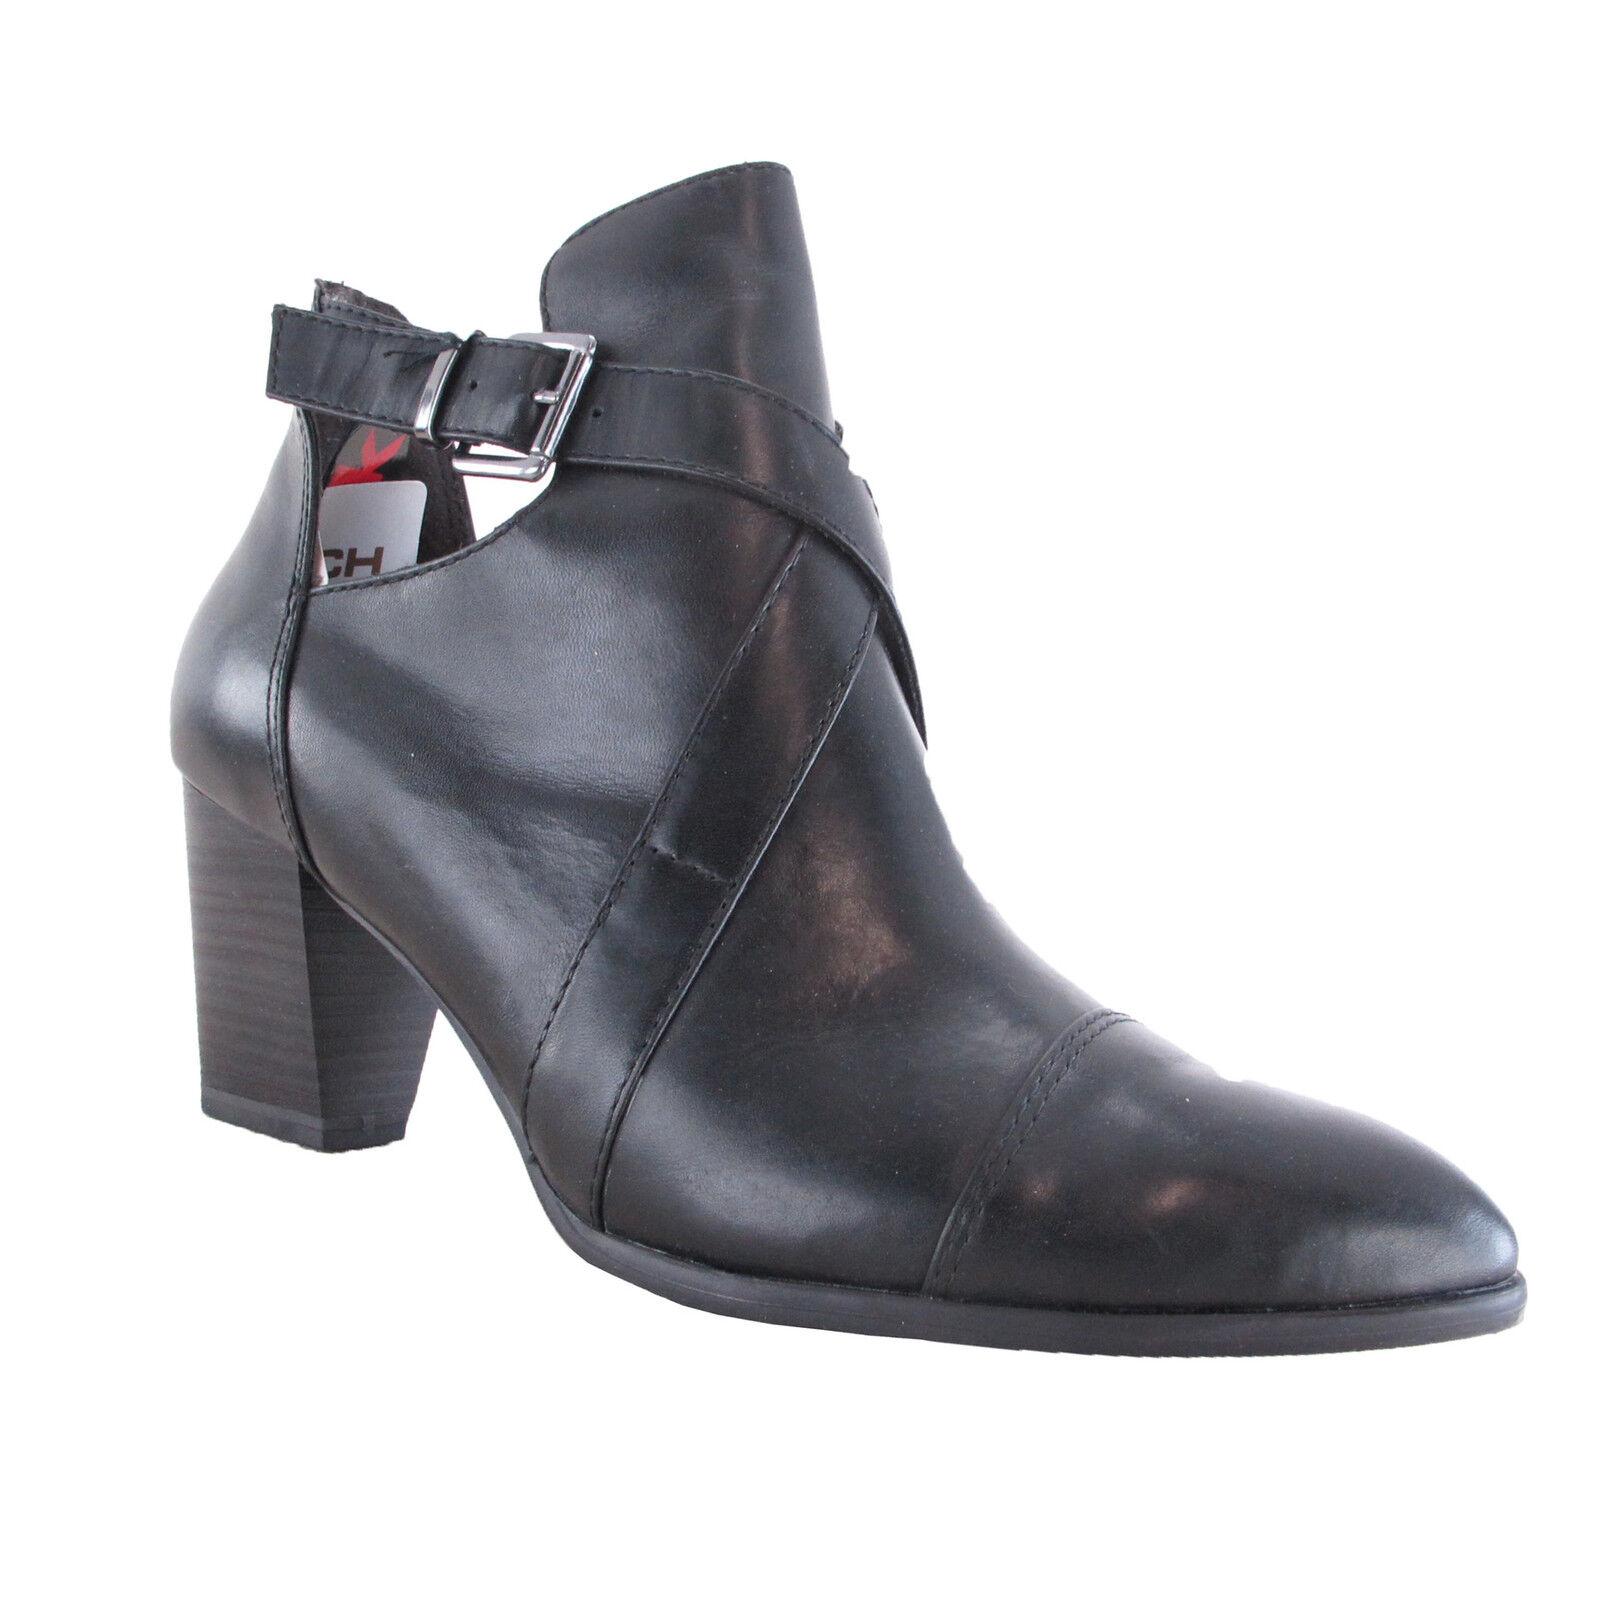 TAMARIS STIEFELETTE SCHWARZ NEU DAMEN  Zapatos NEU  LEDER BLOCKABSATZ ECHTLEDER NEU Zapatos a7ab03